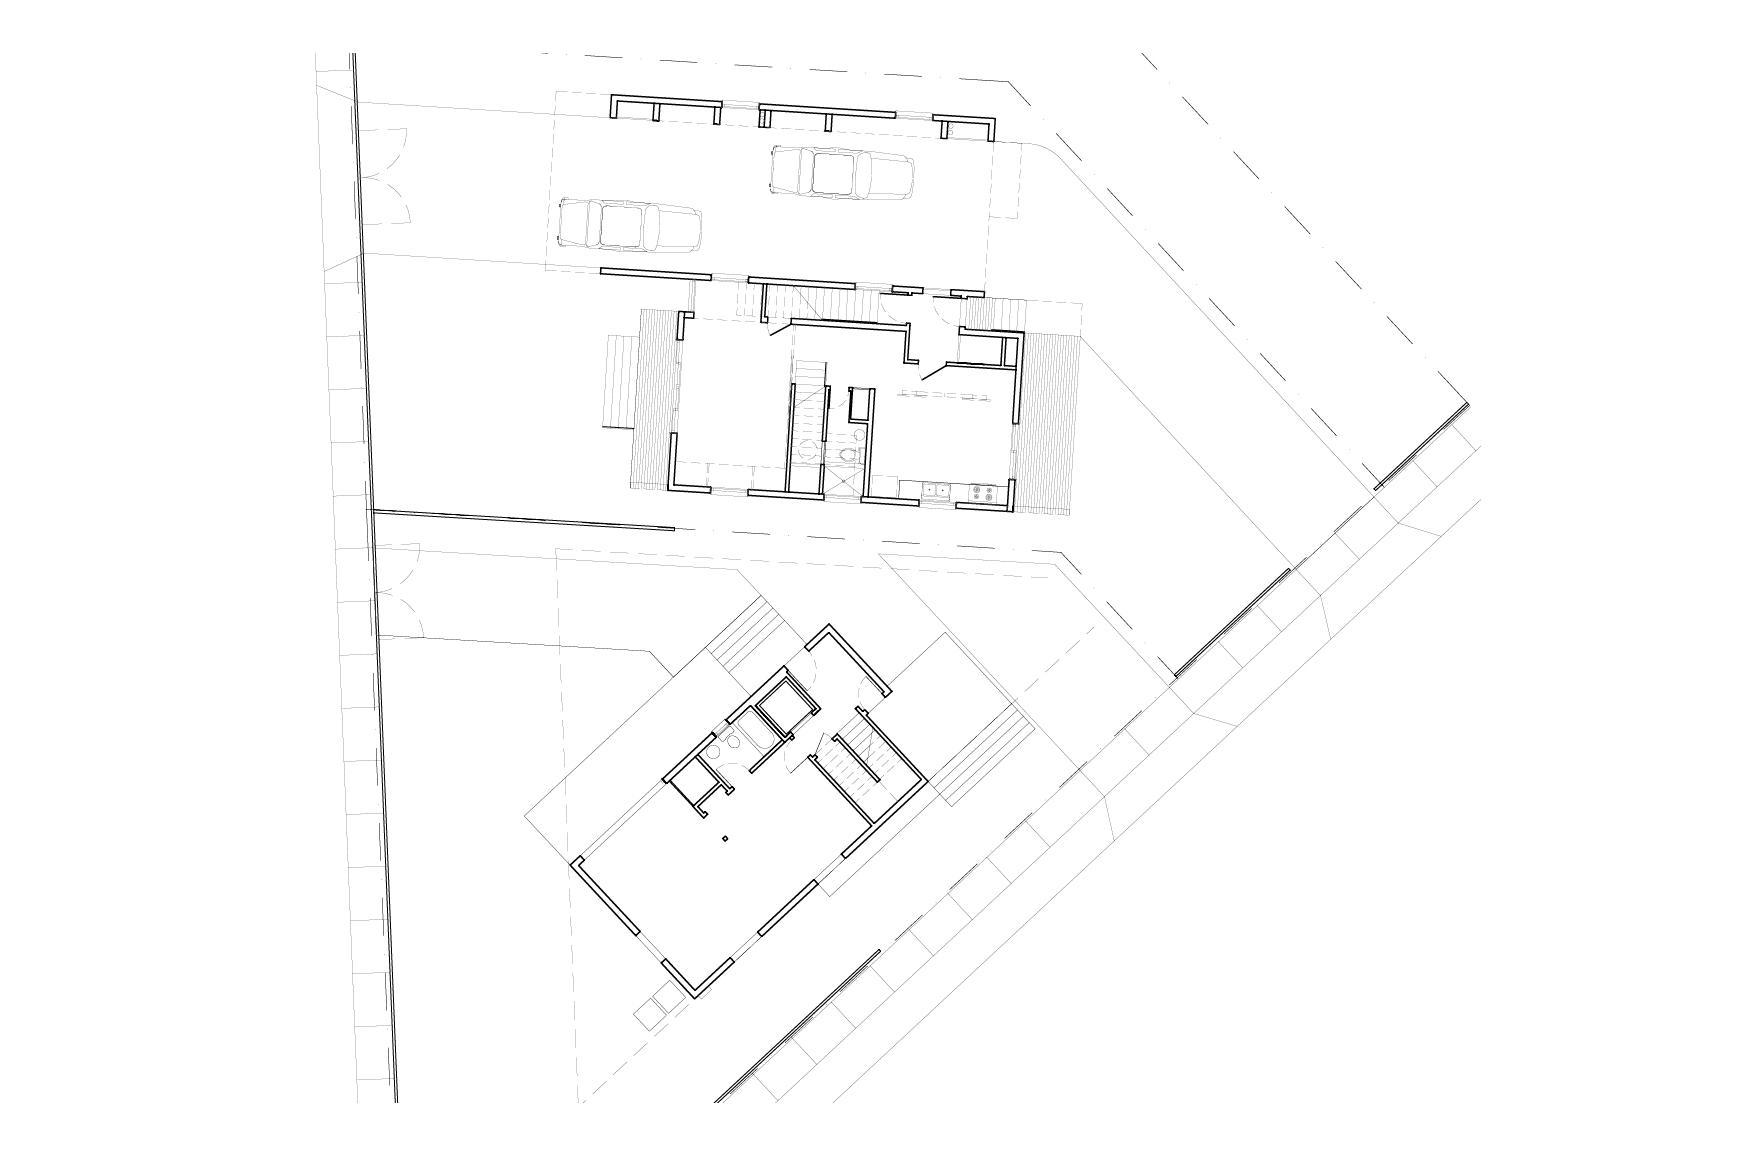 Leake_Floor Plan_1.jpg